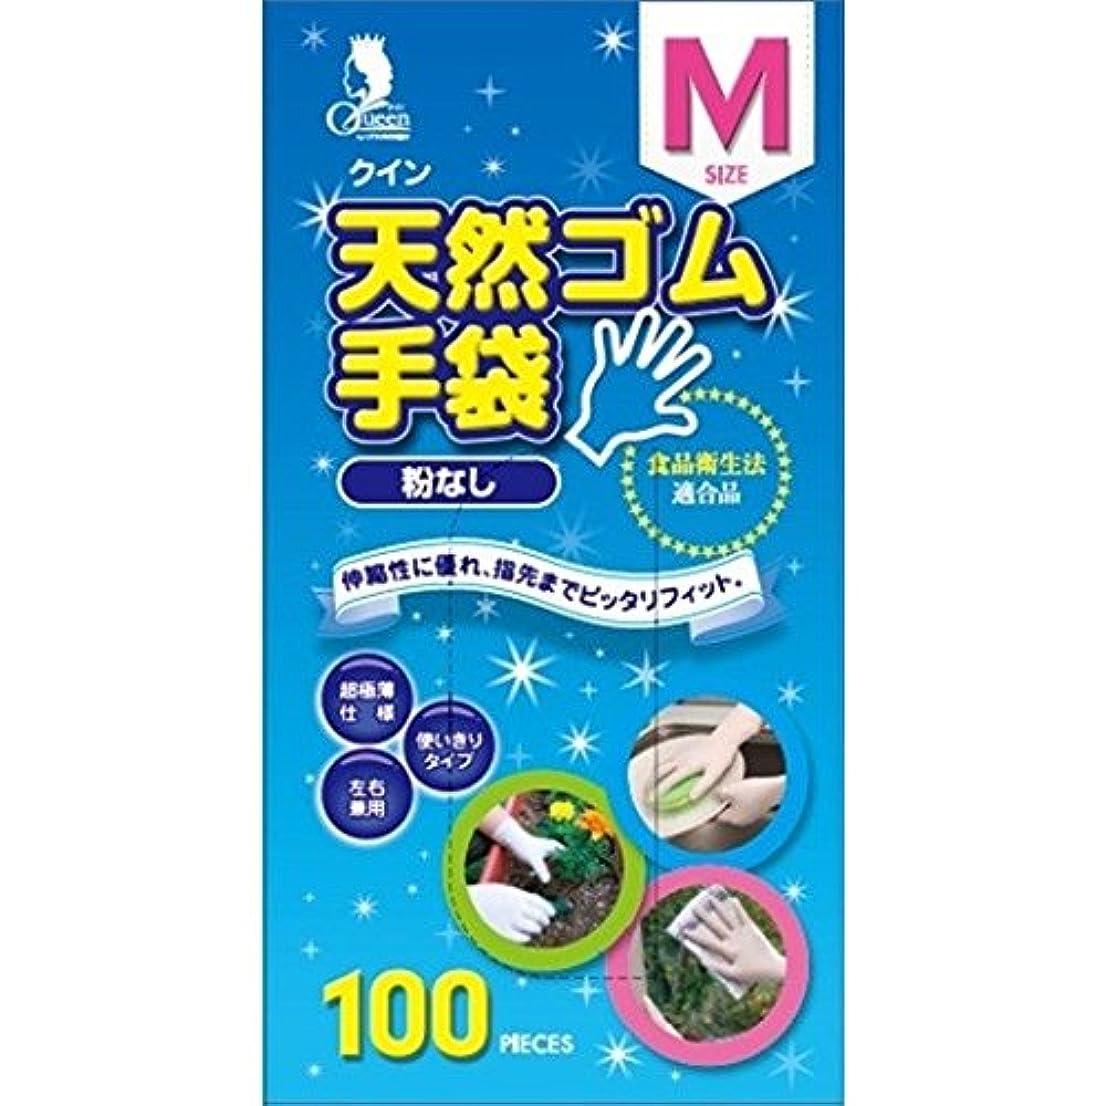 欠如フィットネスコマース宇都宮製作 クイン 天然ゴム手袋 Mサイズ 100枚